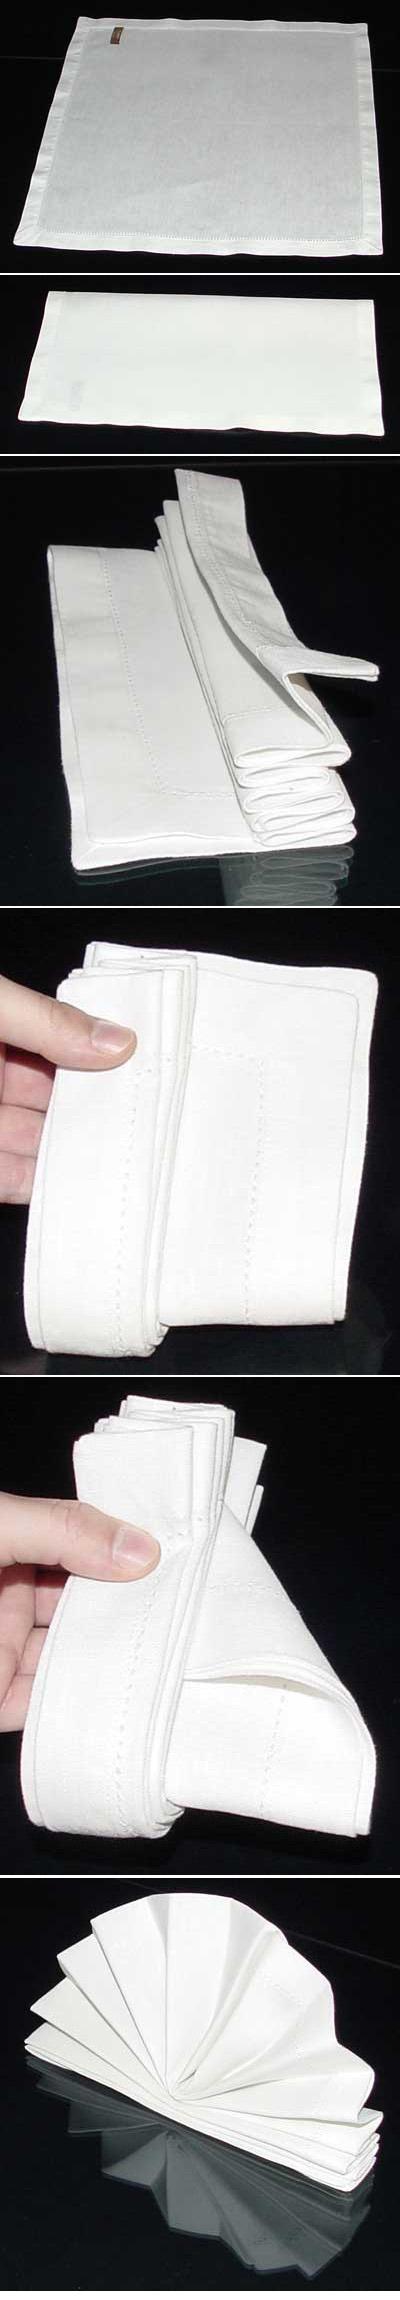 Standing fan napkin